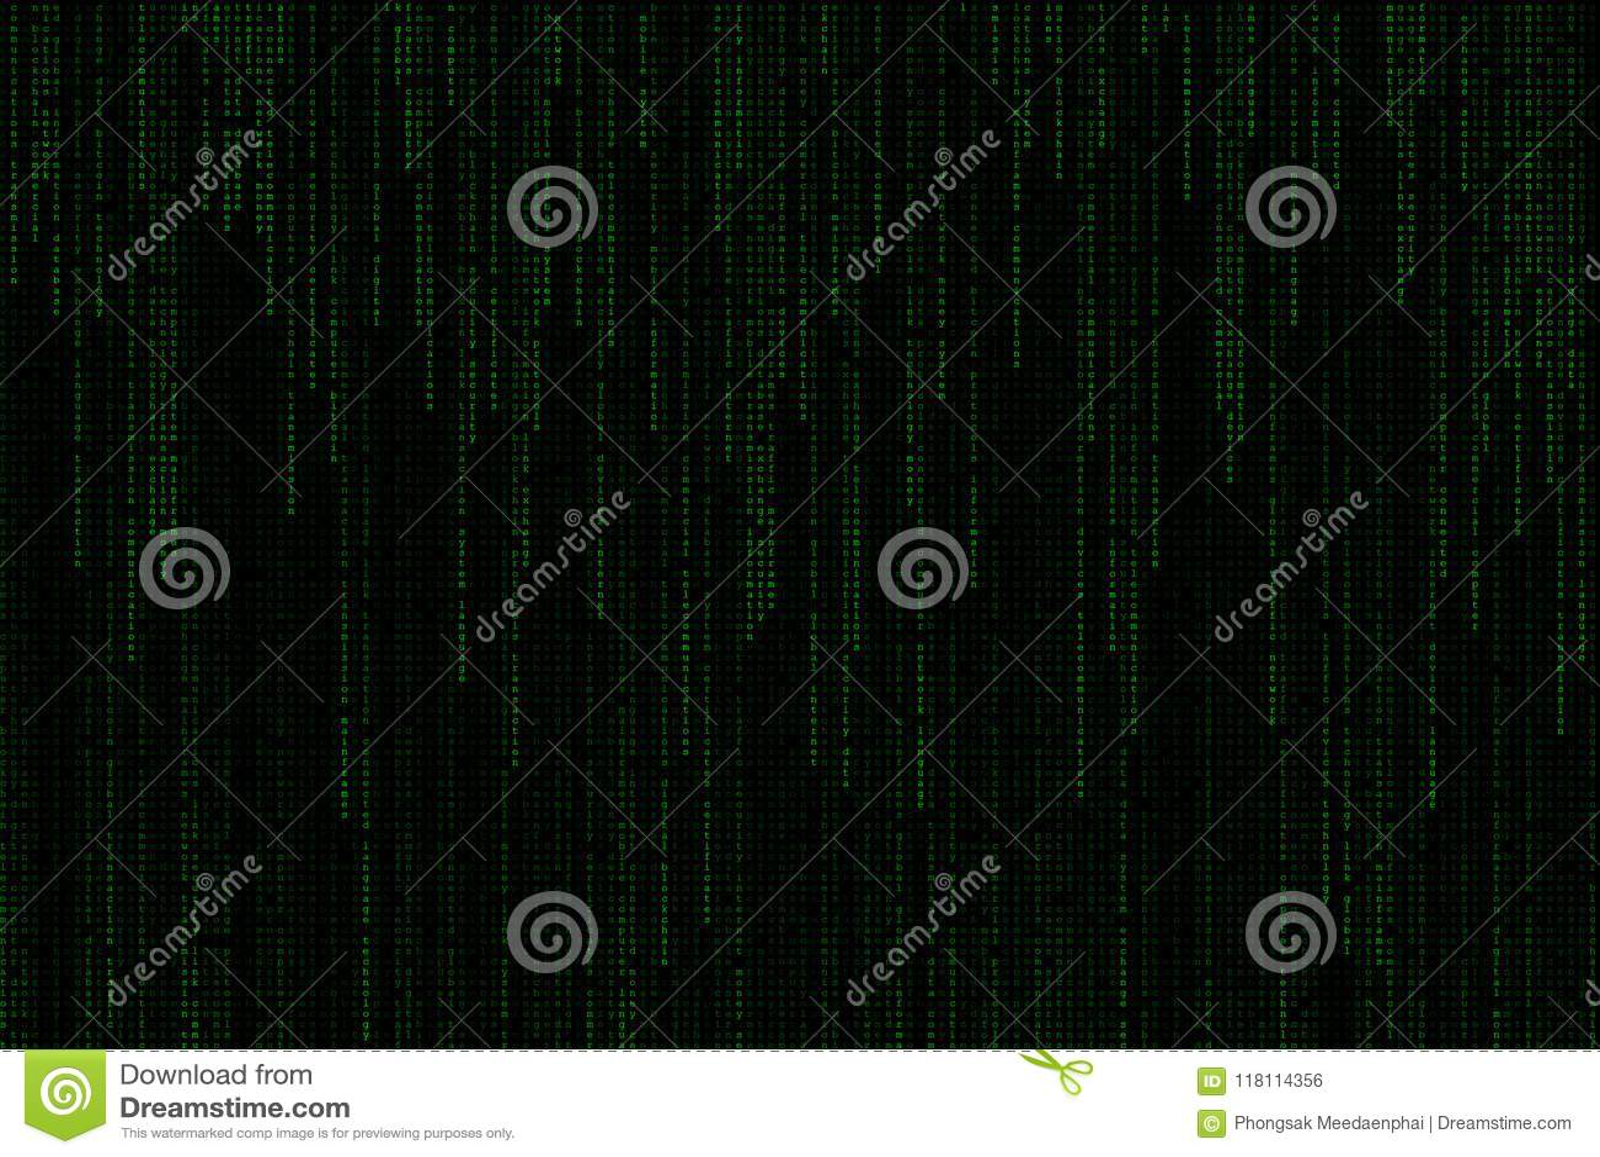 Matrice numérique vert clair de fond de mots des textes tombant à partir du dessus